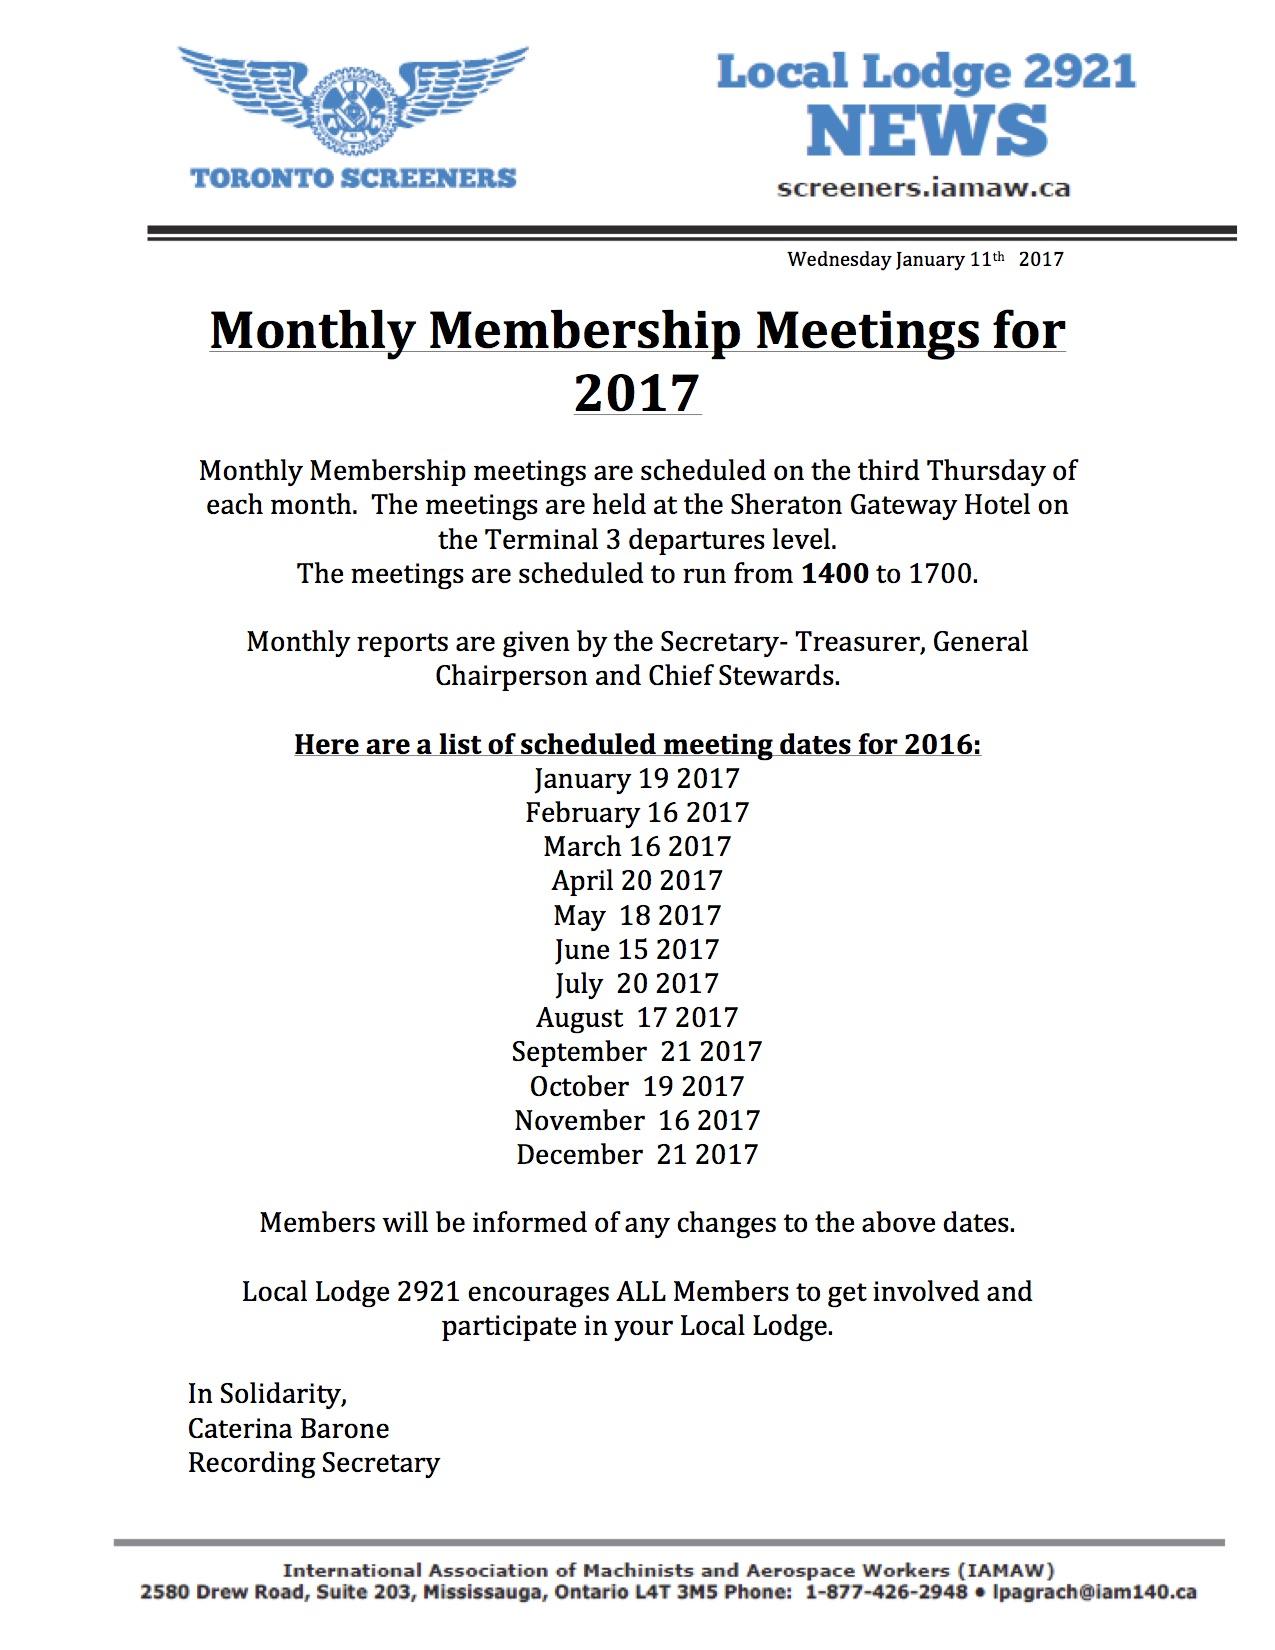 2017 Monthly Membership Meeting